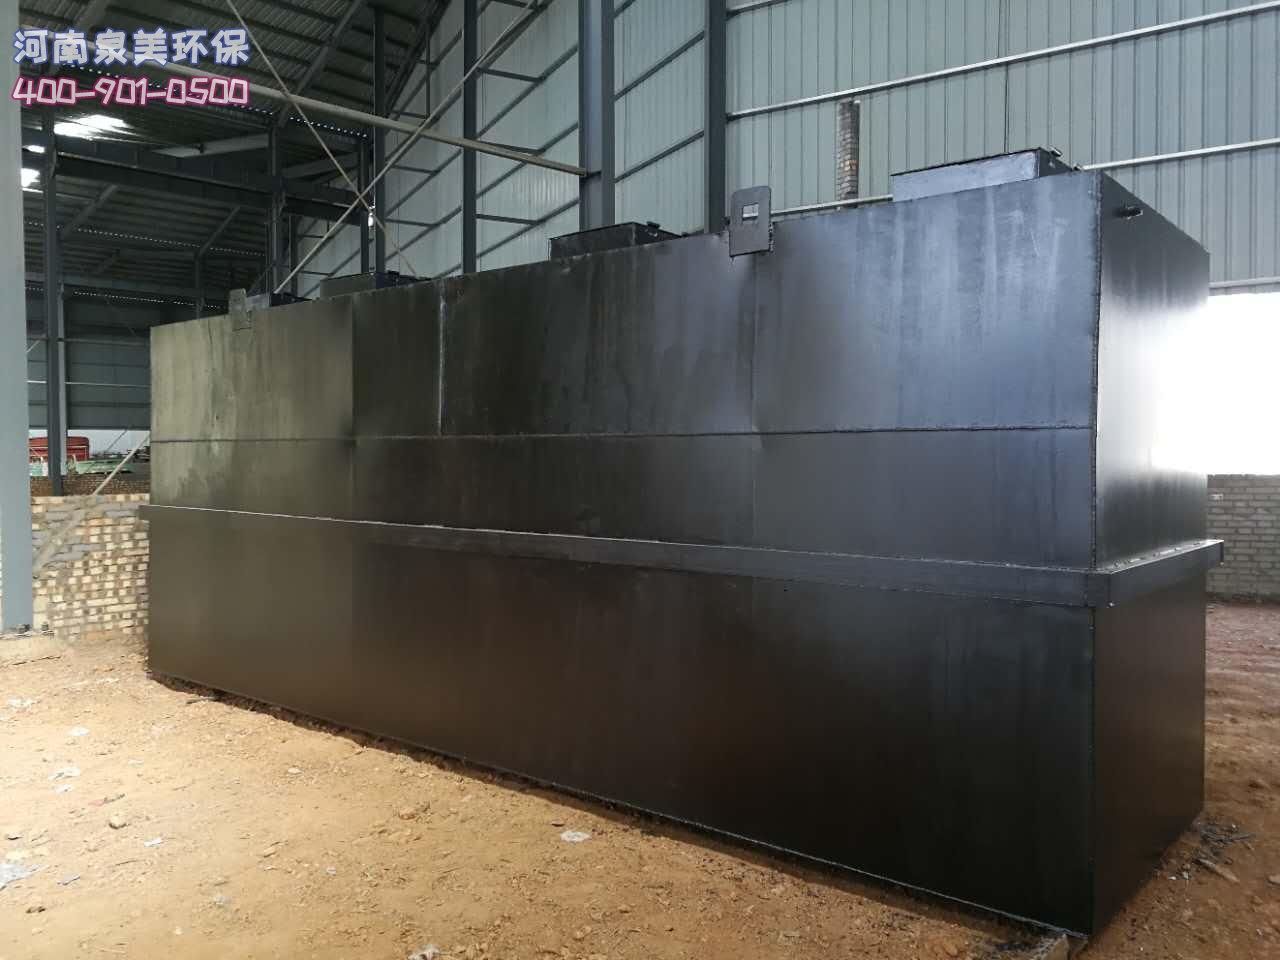 污水处理成套设备可以用于农村污水处理